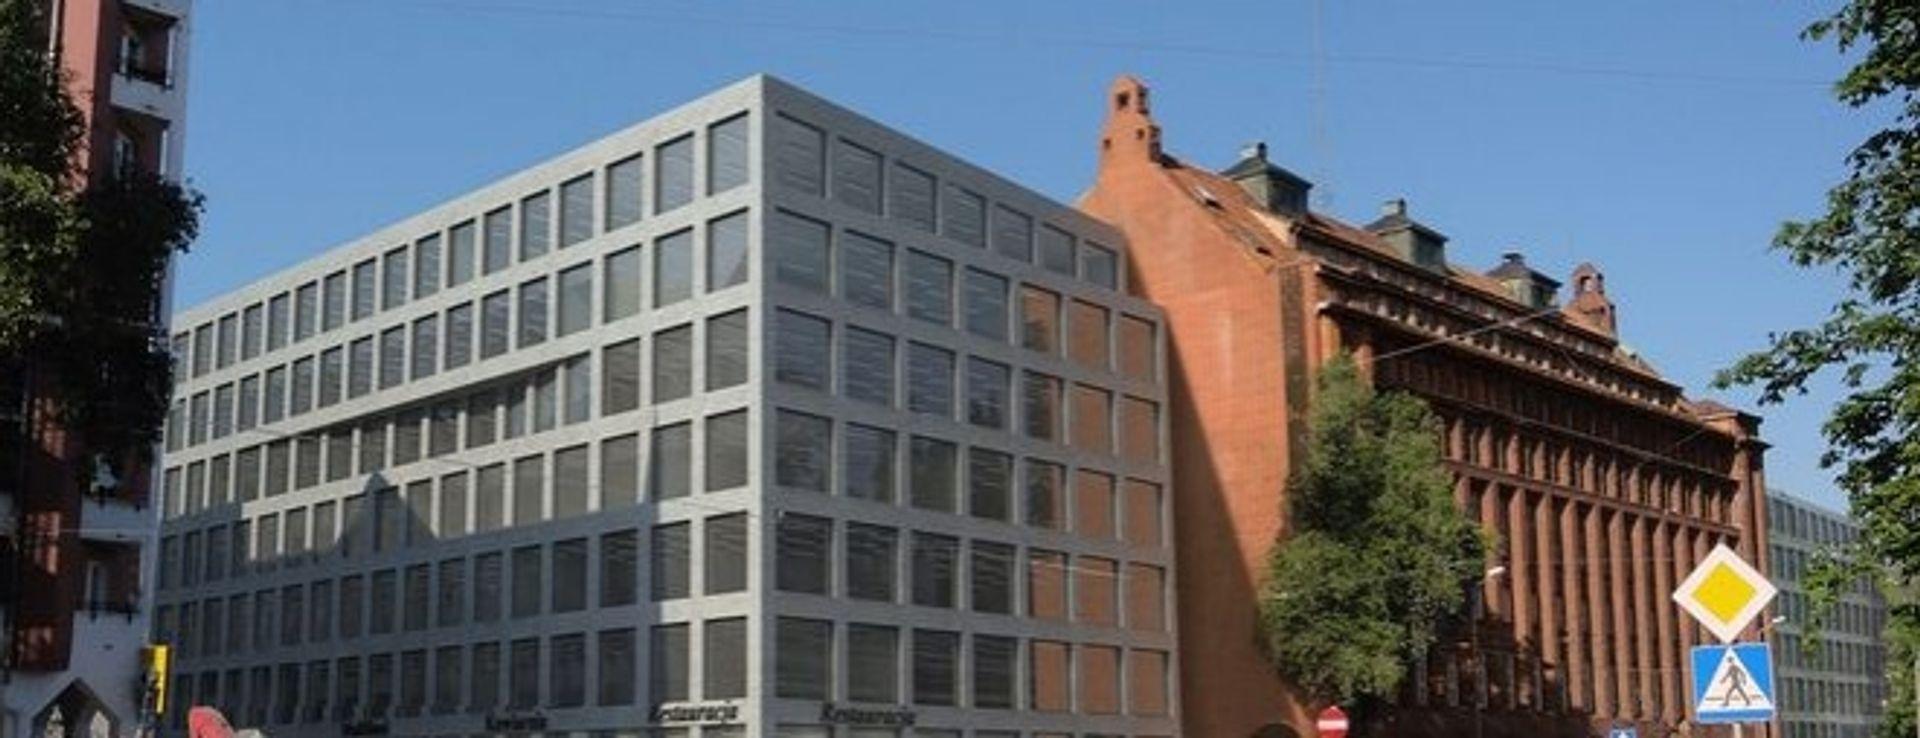 [Wrocław] Nowe wizualizacje Starej Piekarni, czyli hotelu i mieszkań przy ul. Sienkiewicza